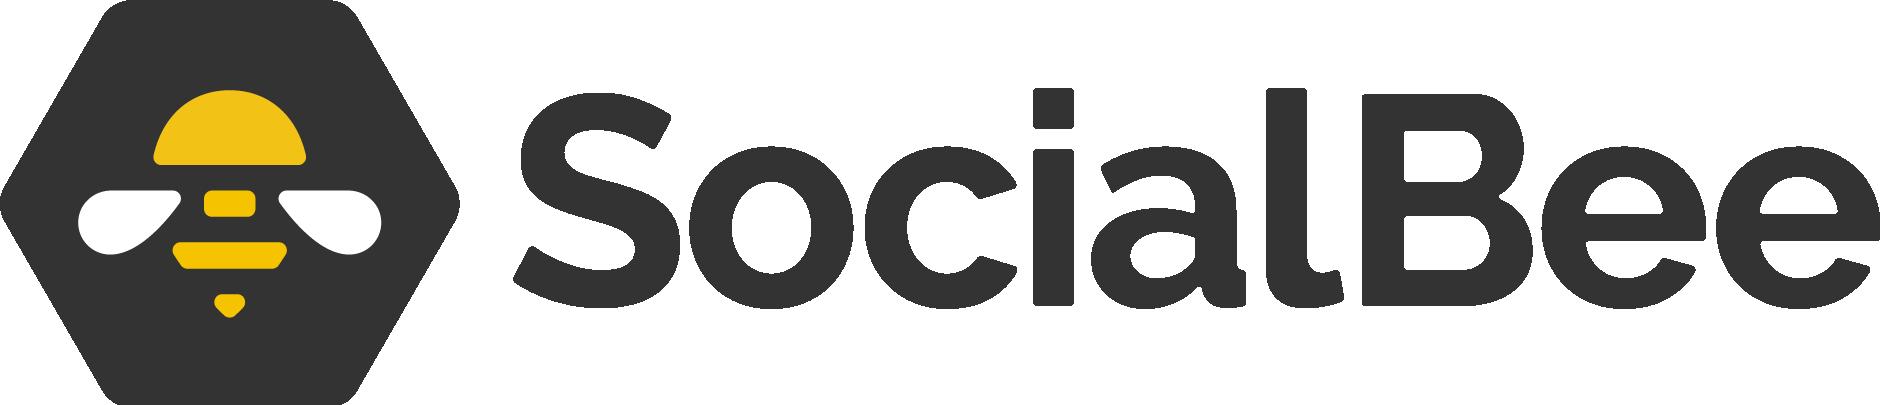 logo whitebackground